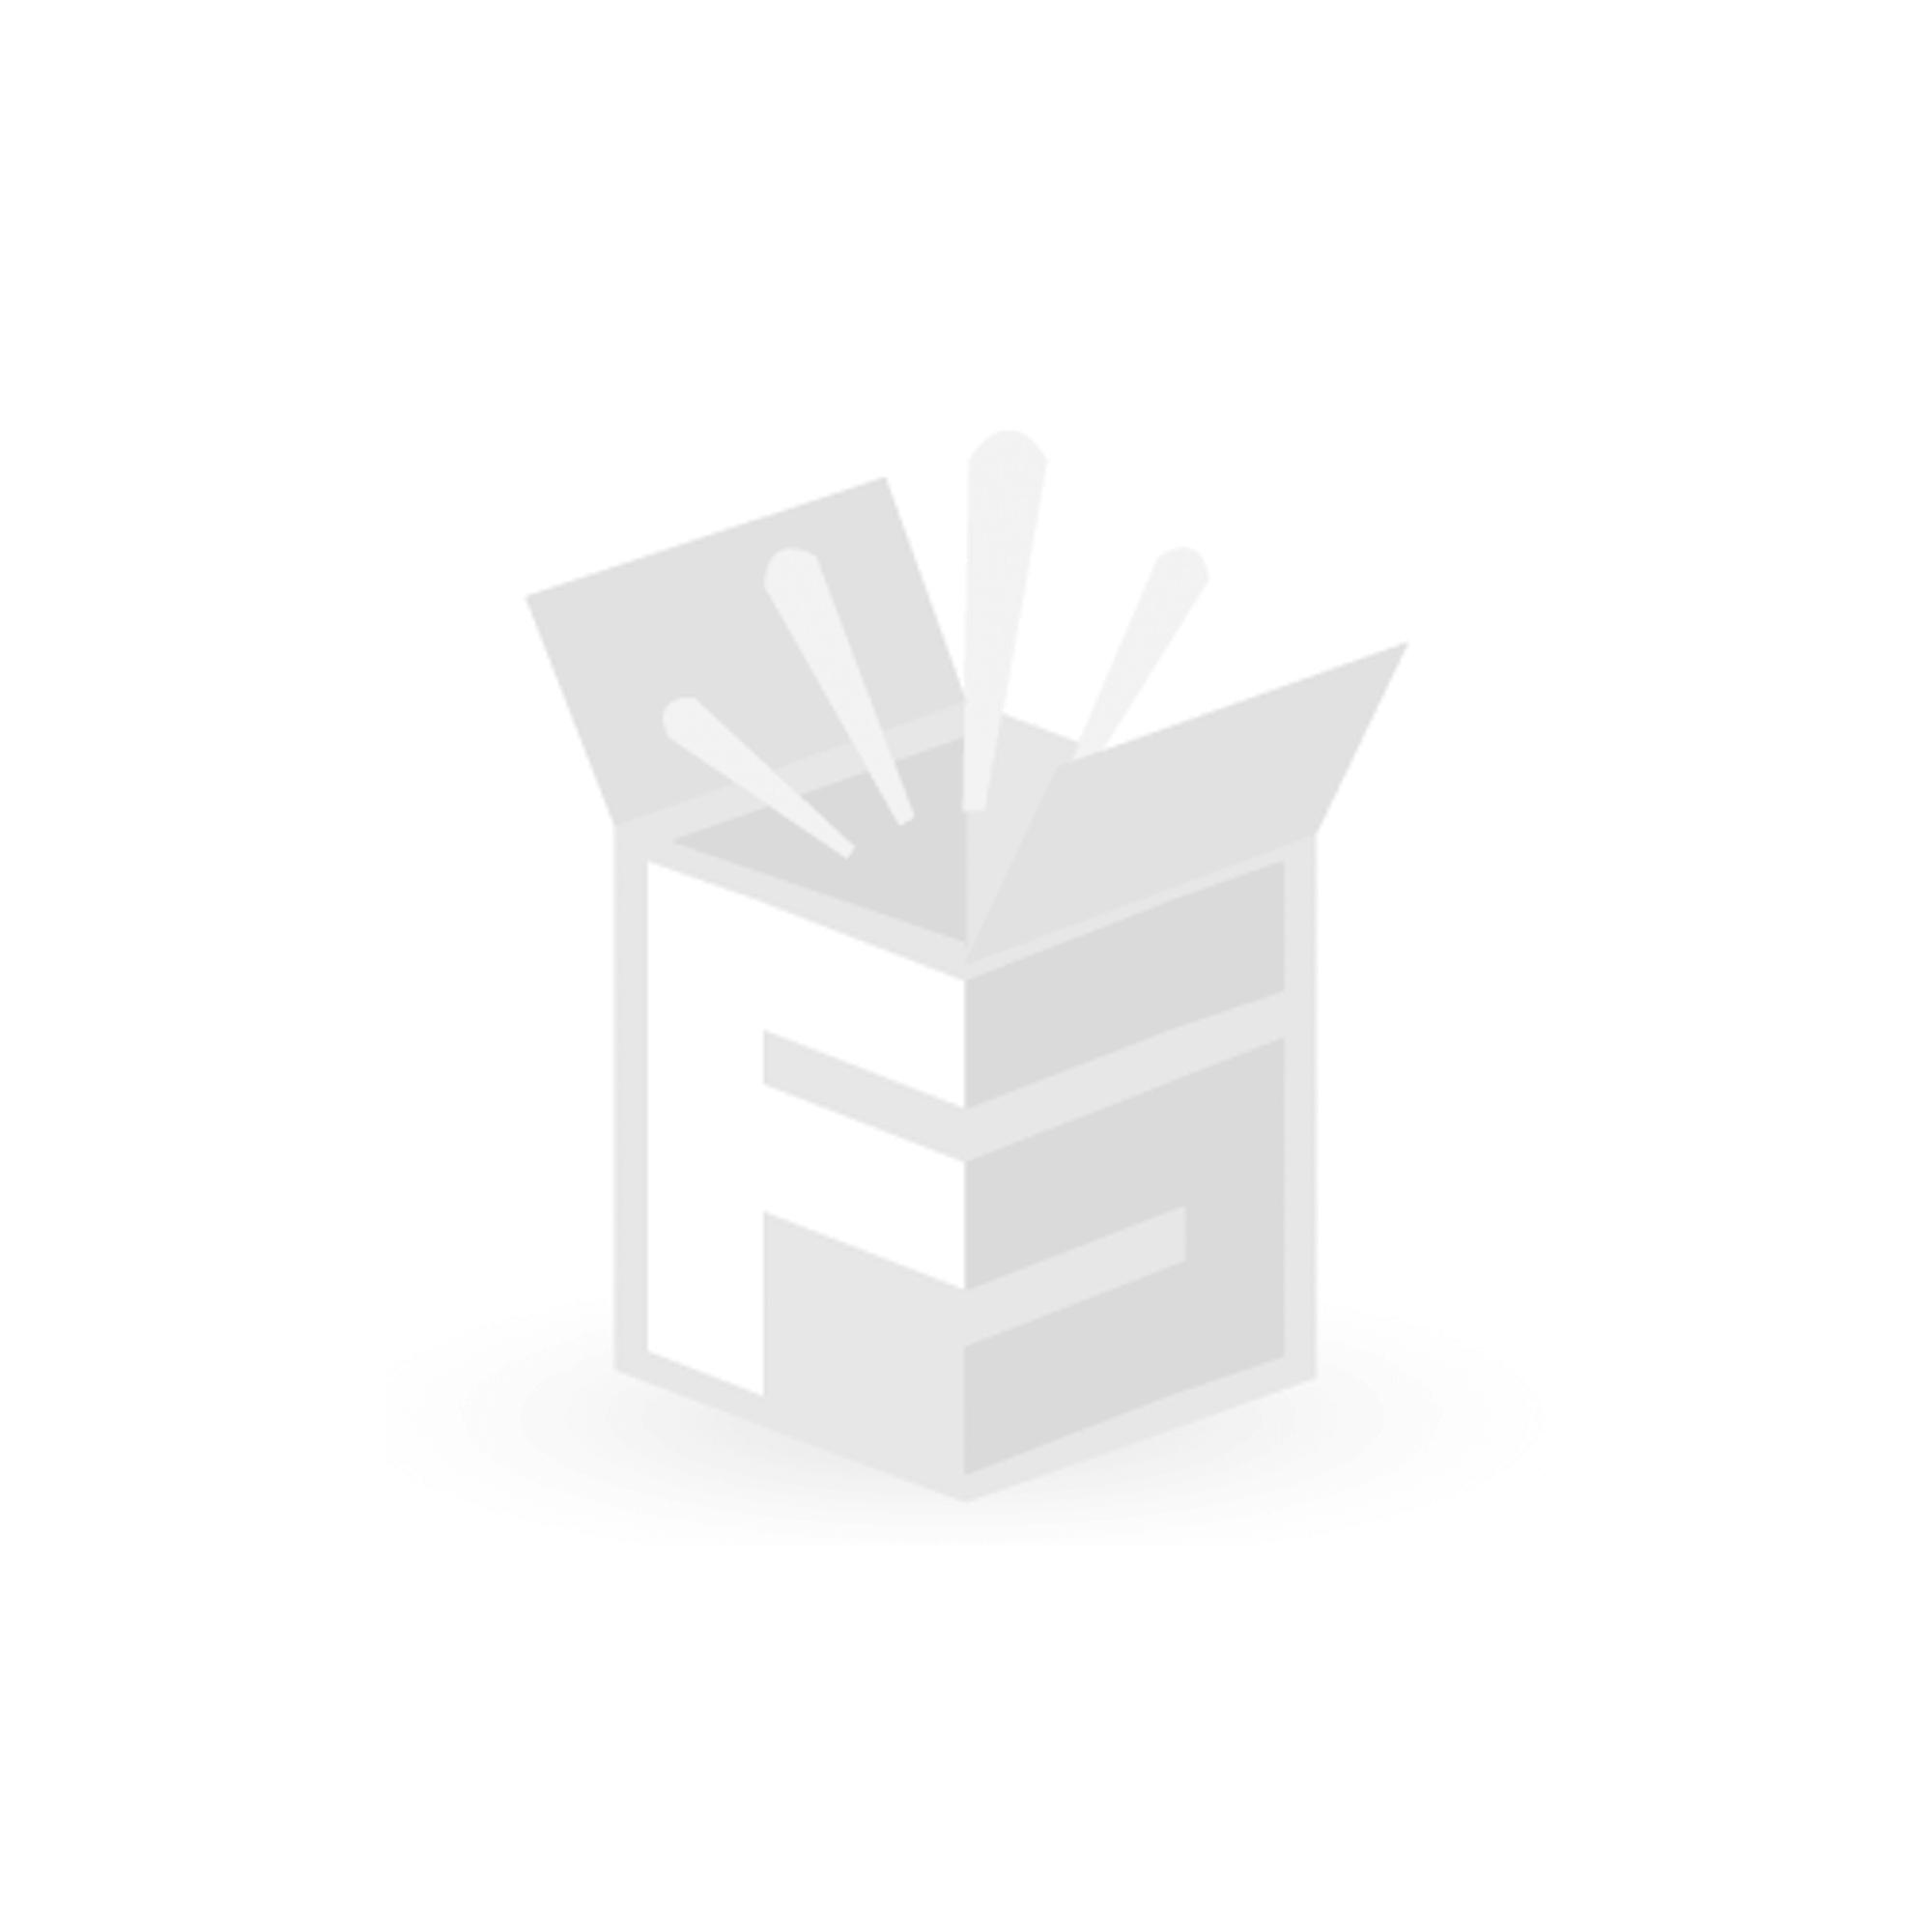 Holmberg Boîte aux lettres Swiss Norm, métallique